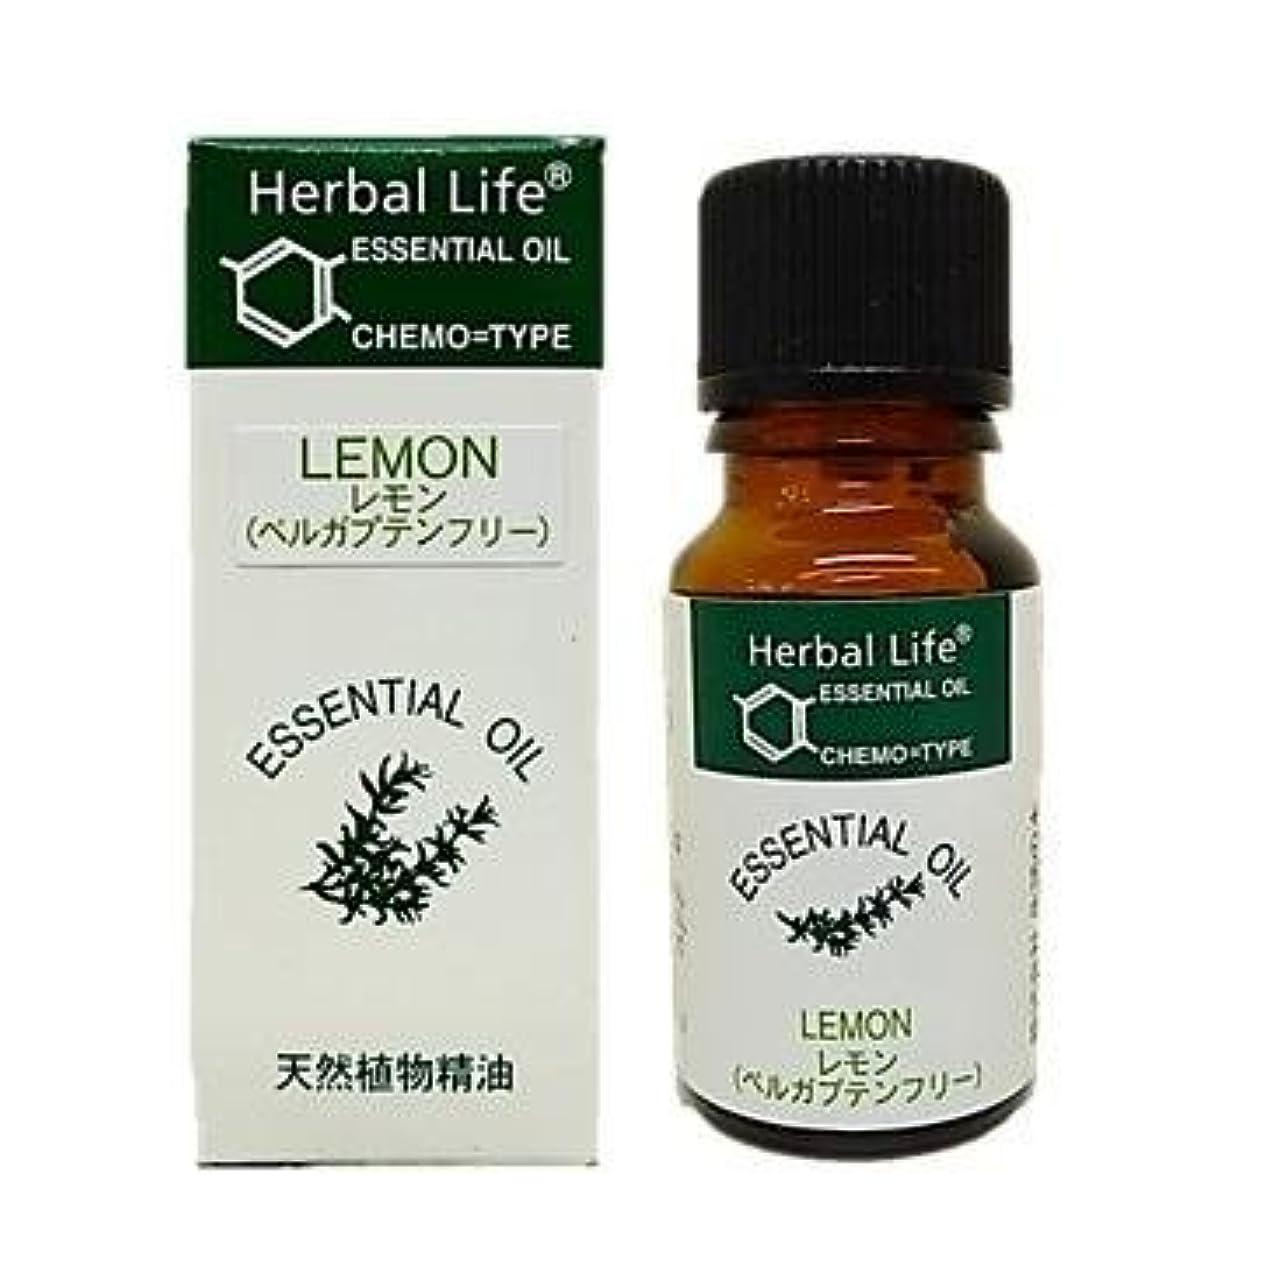 登録するイブ鋭く生活の木 レモン(フロクマリンフリー)10ml エッセンシャルオイル/精油